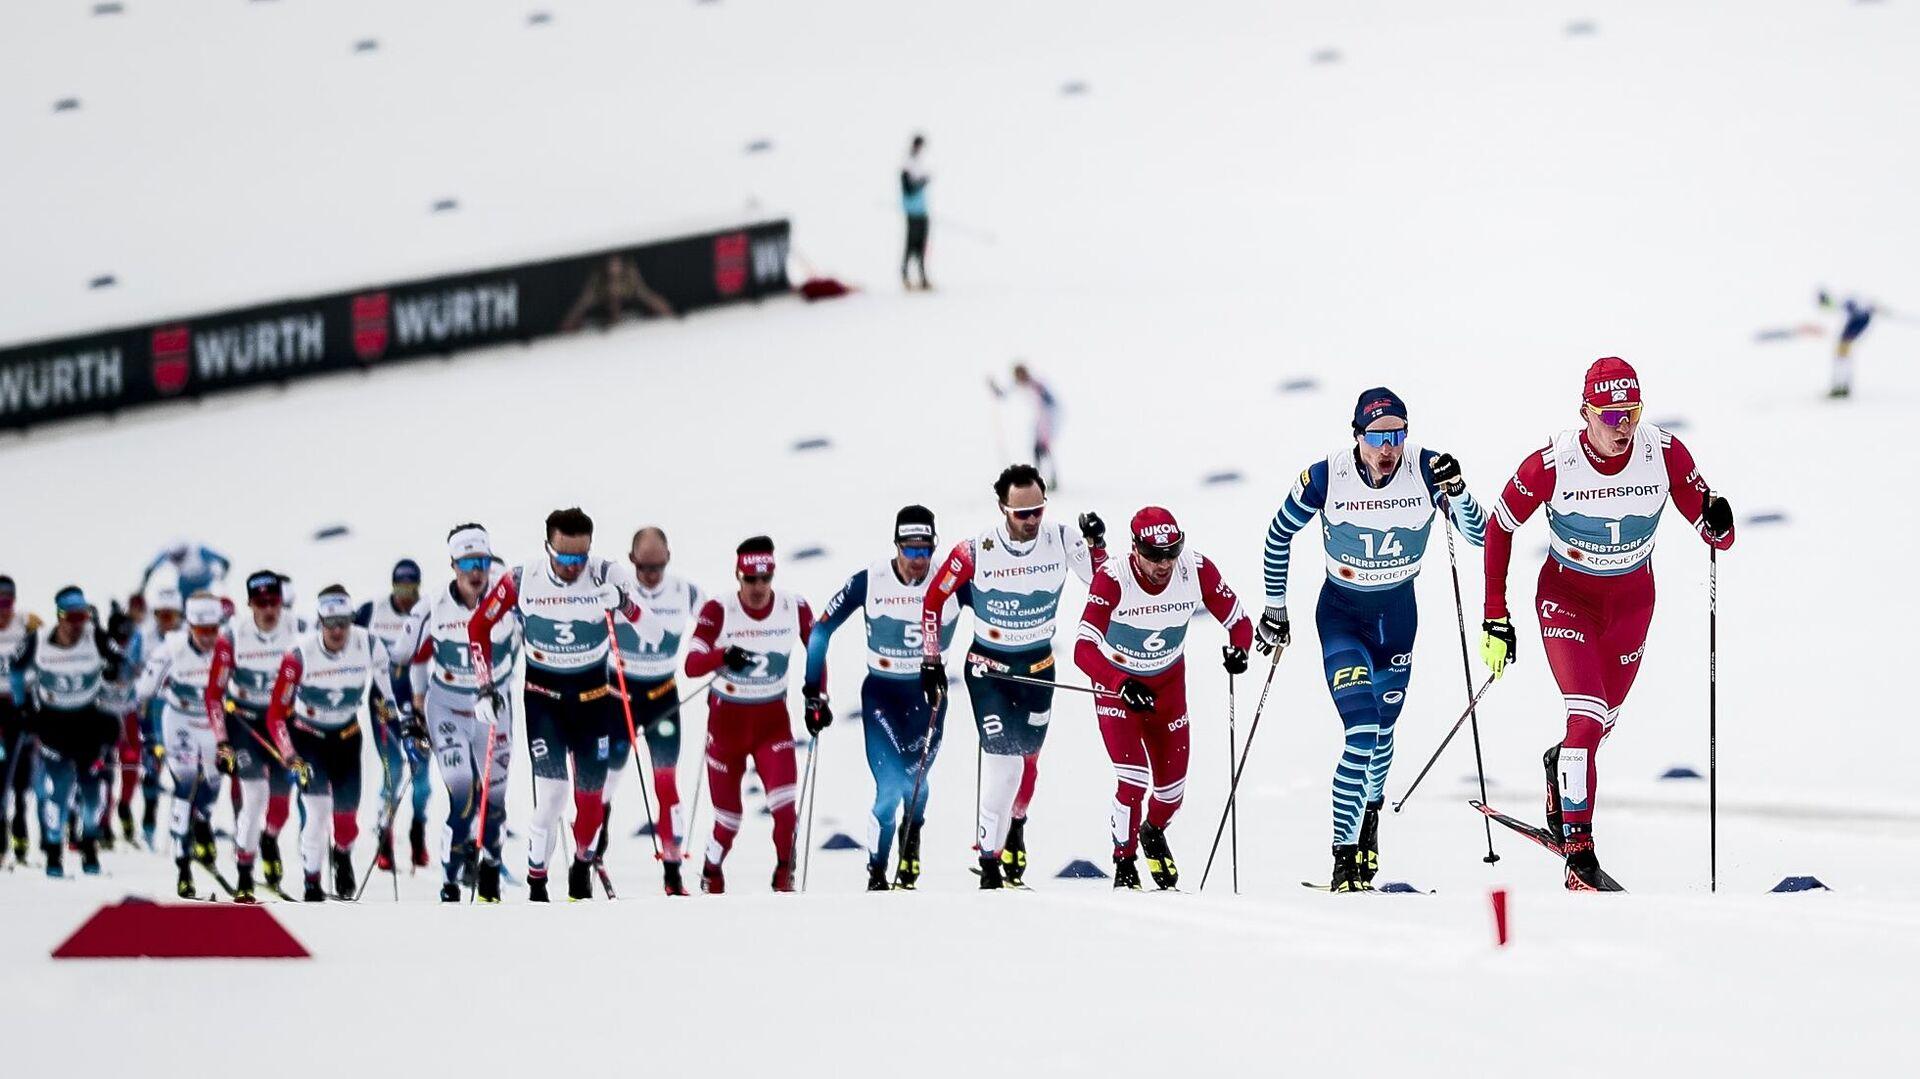 Лыжники на чемпионате мира - РИА Новости, 1920, 22.04.2021